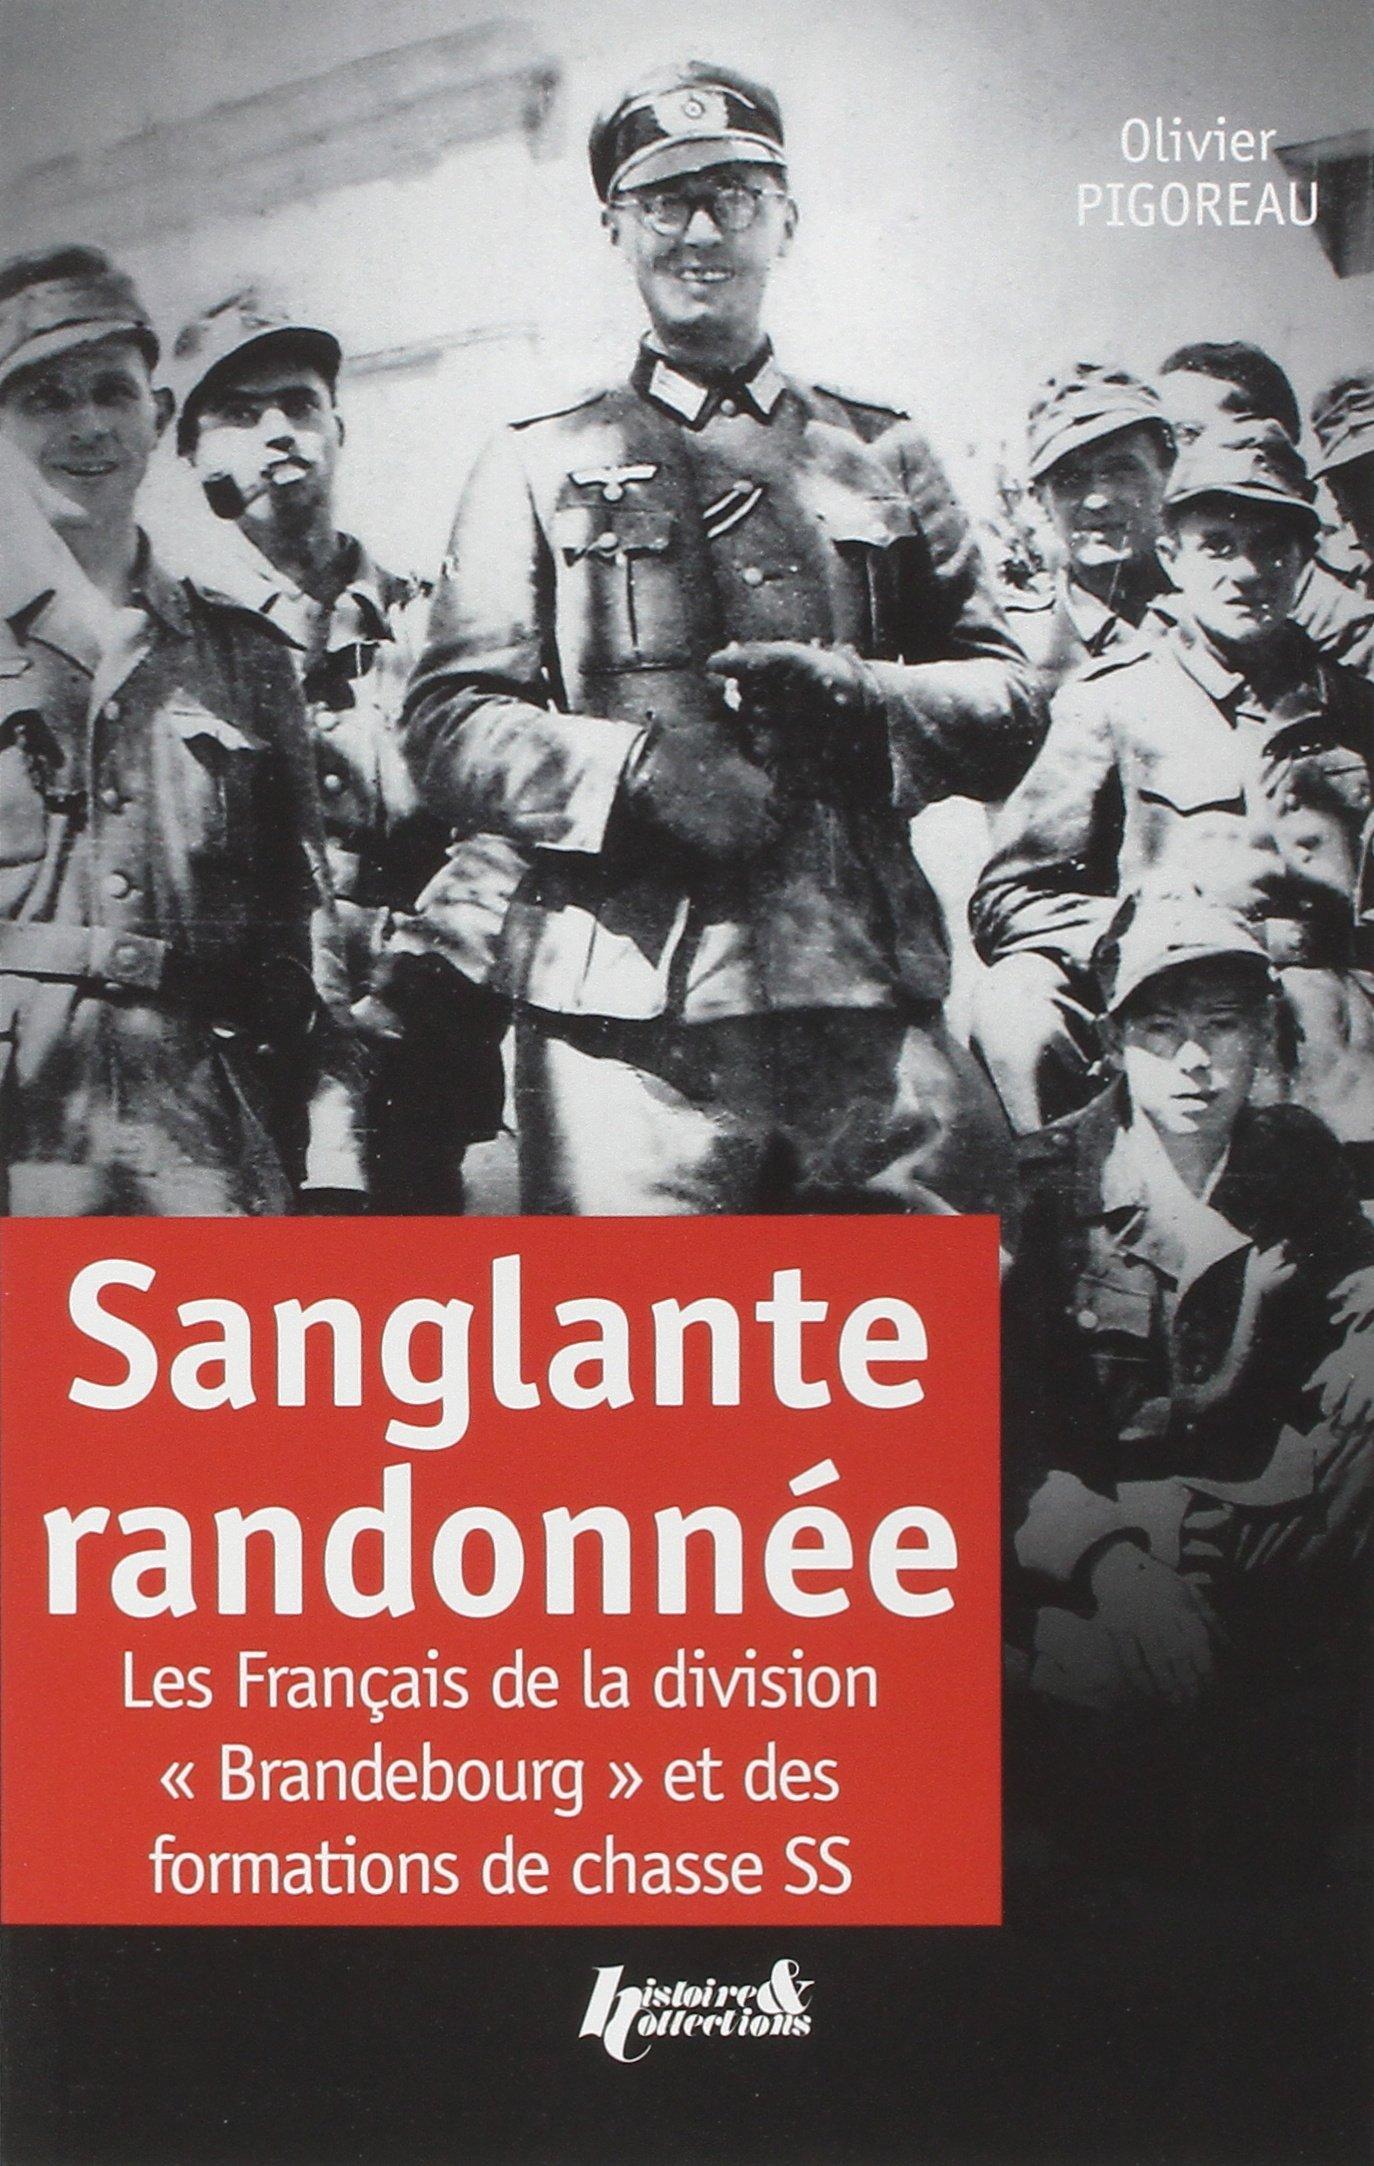 Download Sanglante randonnée: Les Français de la division Brandebourg et des formations de chasse SS (French Edition) PDF